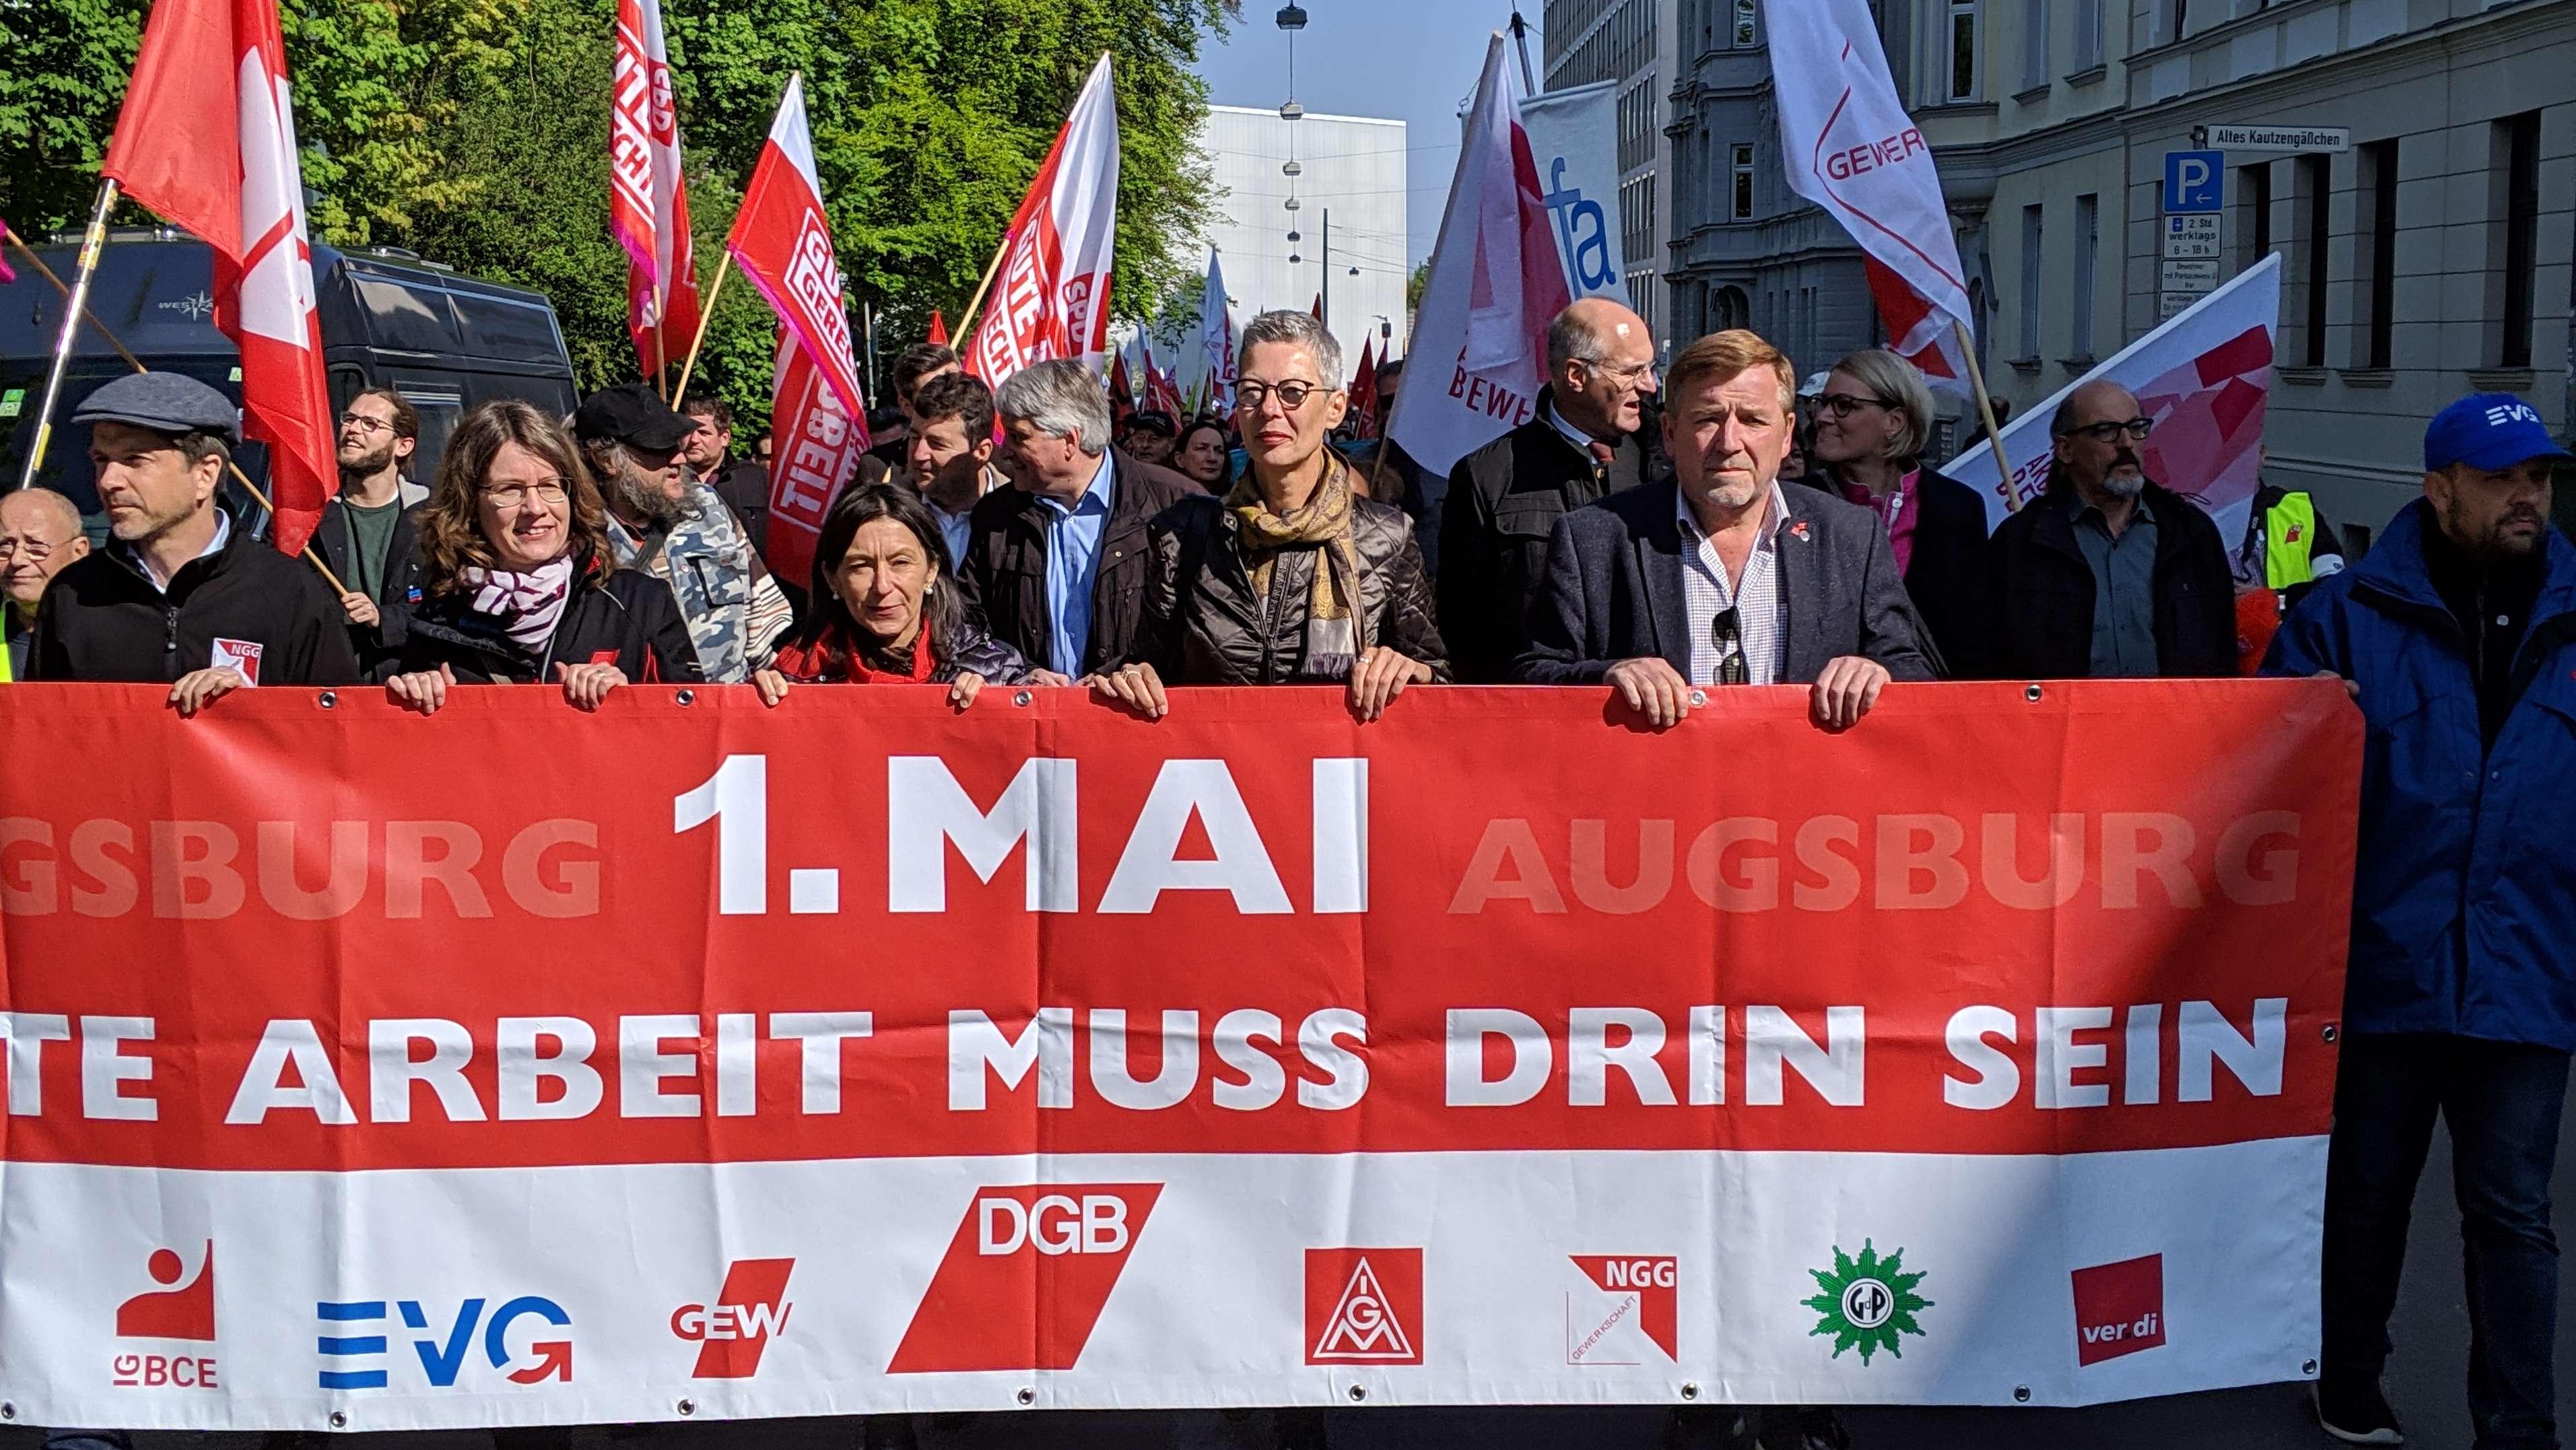 Die DGB-Demonstration zum 1. Mai in Augsburg. Auf einem Transparent steht: Gute Arbeit muss drin sein